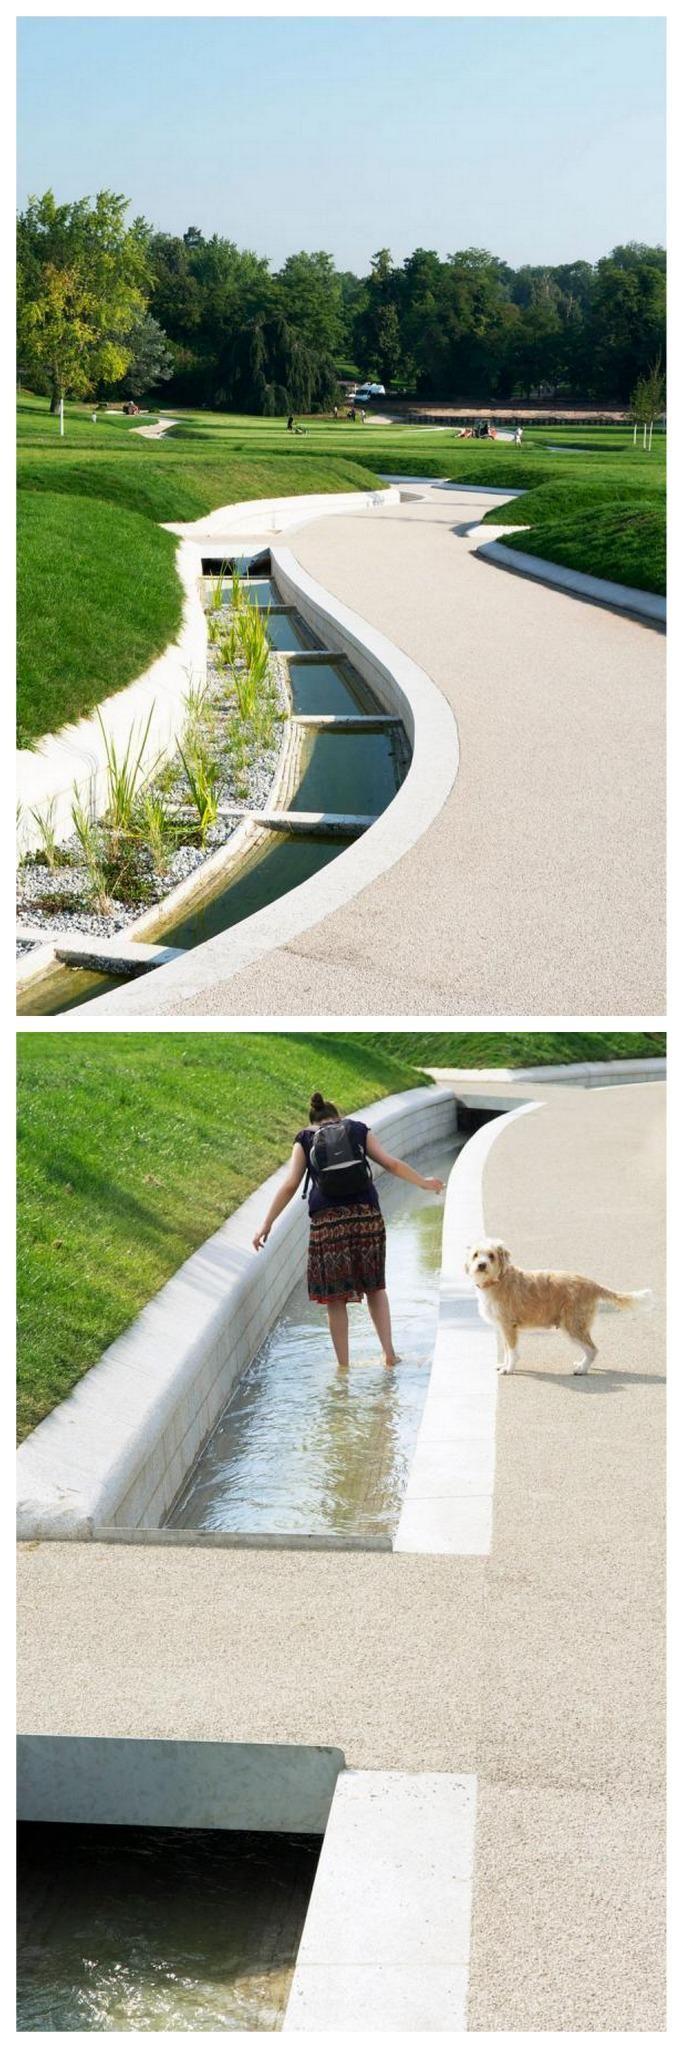 Future Park Killesberg, Stuttgart by Rainer Schmidt Landschaftsarchitektur. Click image for link to full profile and visit the slowottawa.ca boards >> https://www.pinterest.com/slowottawa/